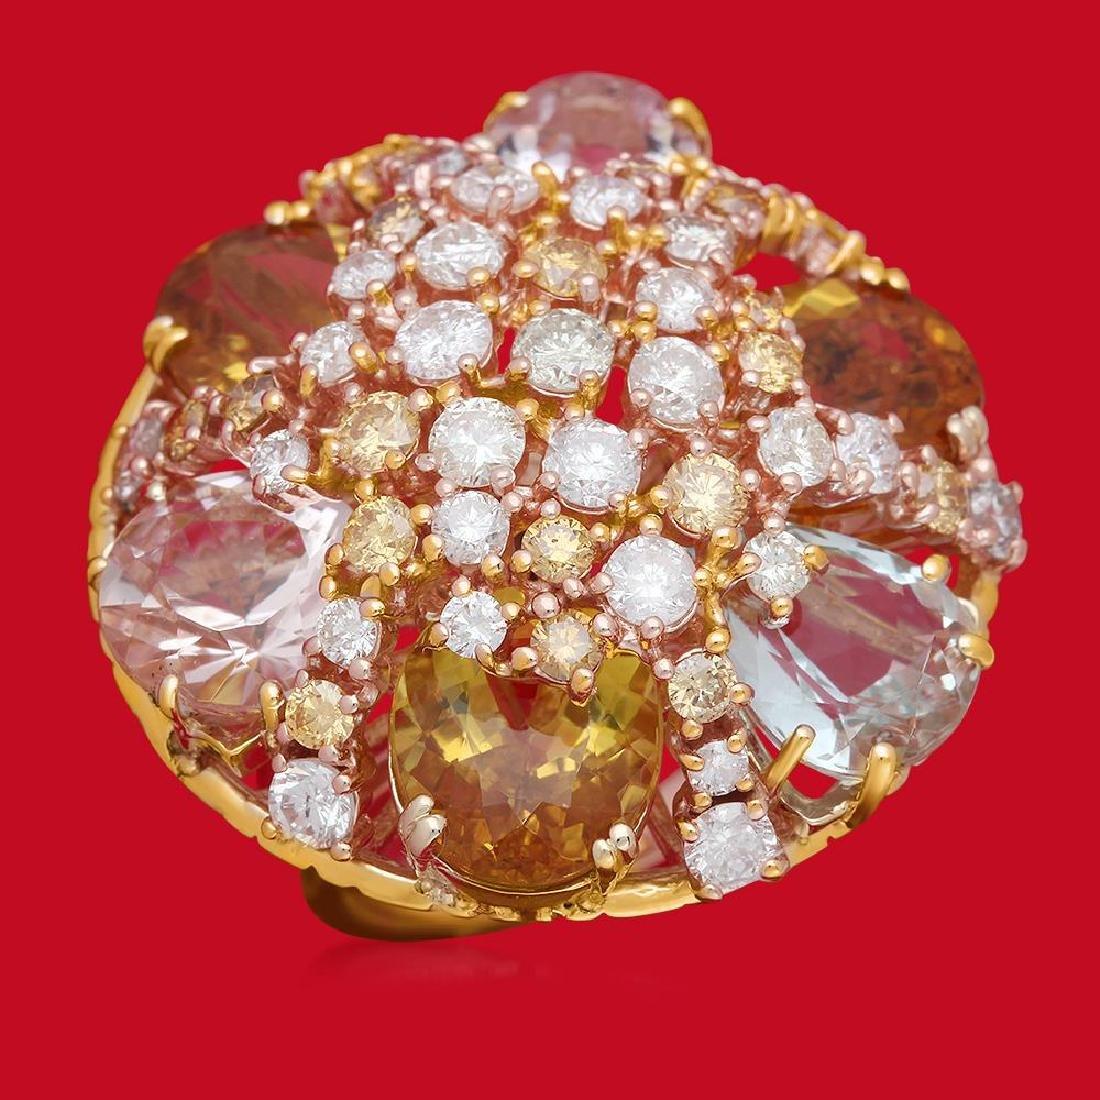 14K Gold 16.55ct Aquamarine, Morganite, Yellow Beryl